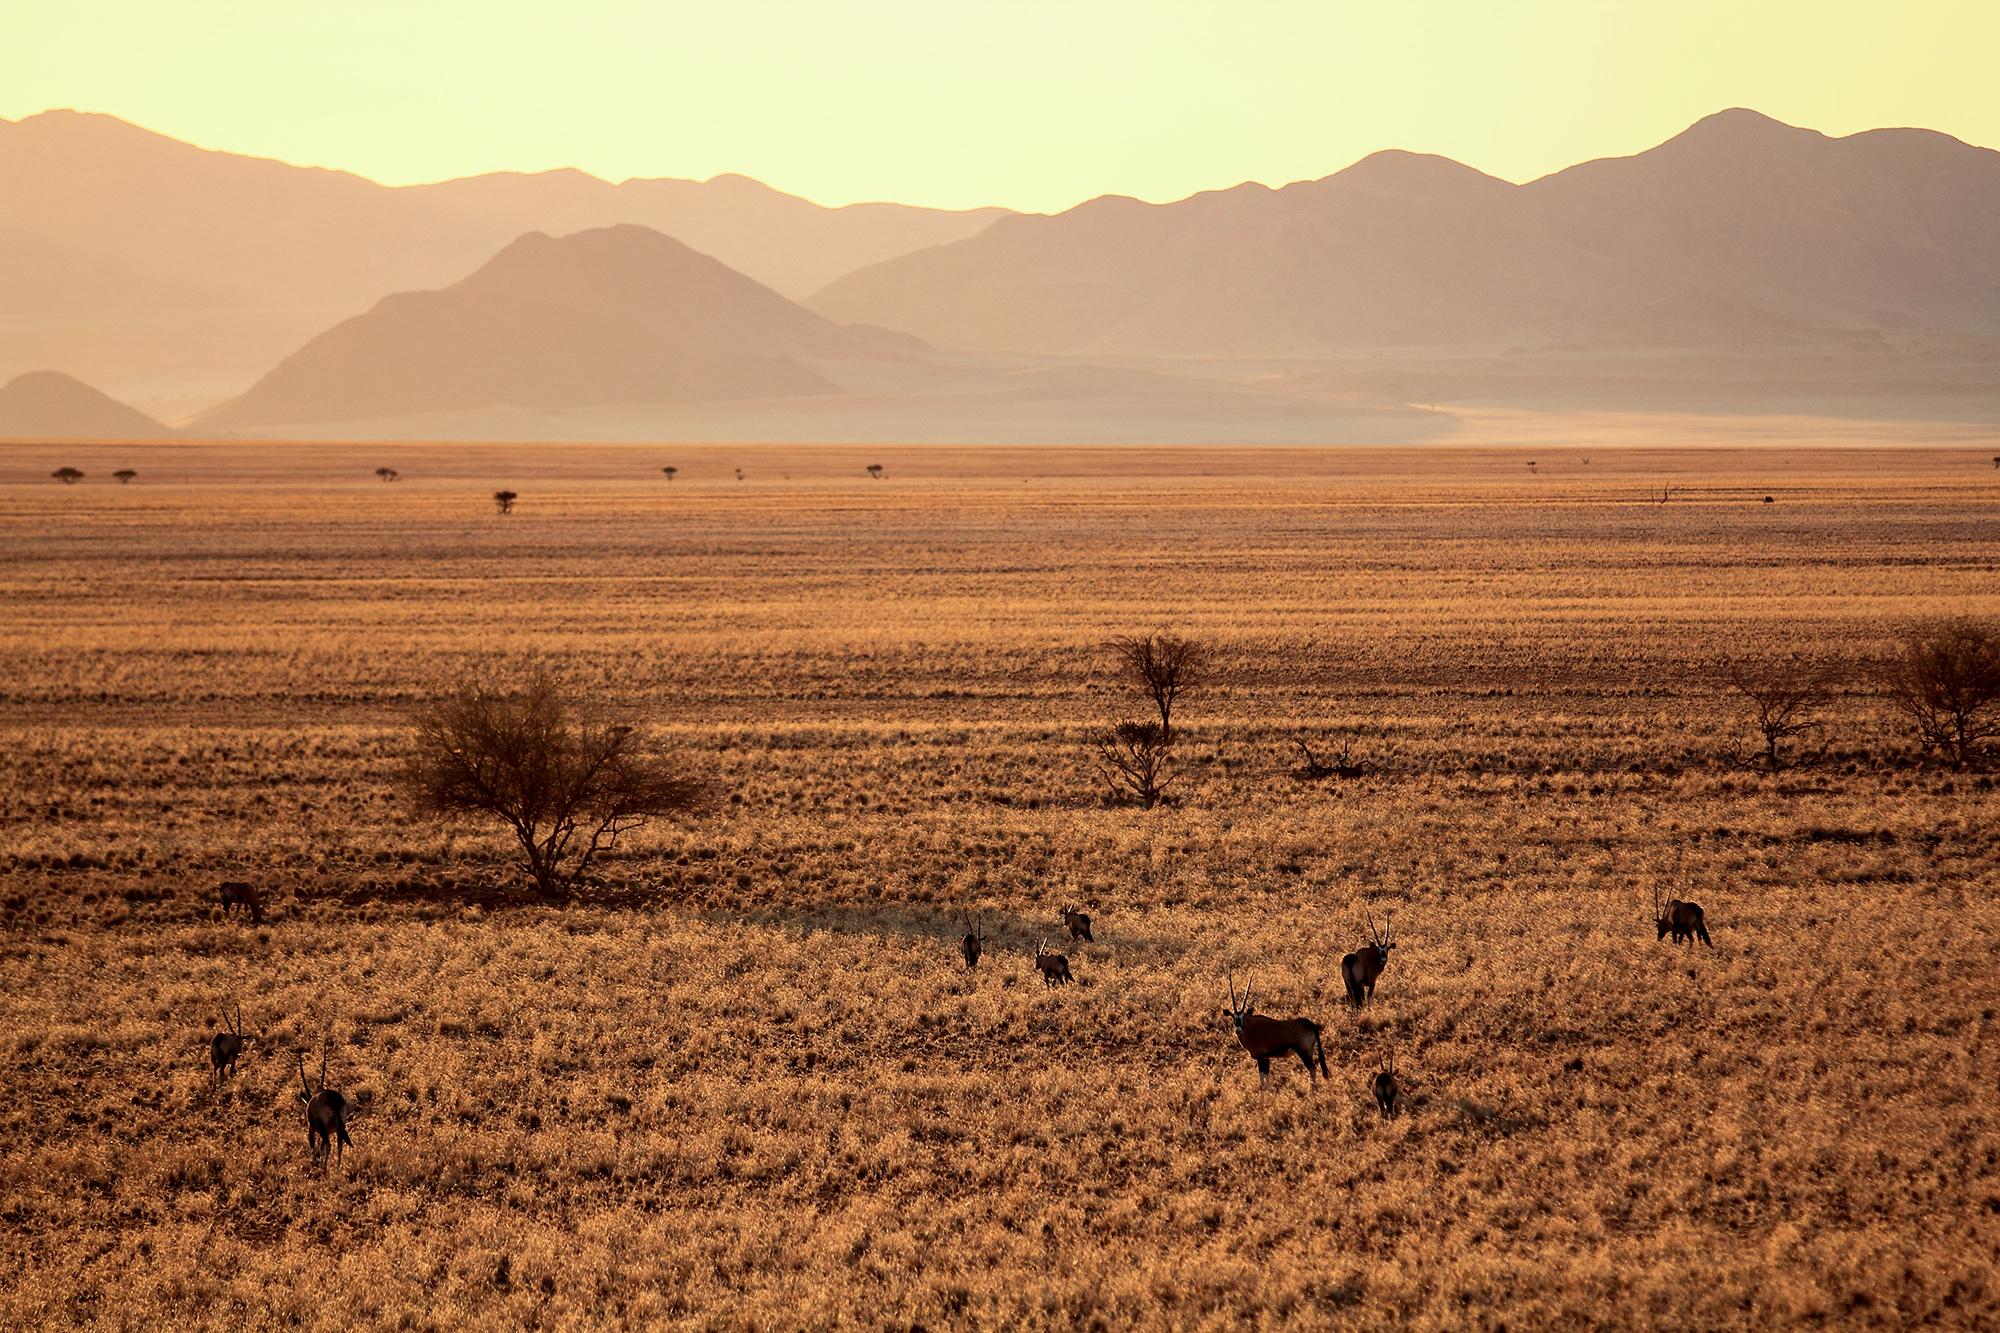 Oryx gazelle (Oryx gazella) en Namibie par Guillaume Projetti